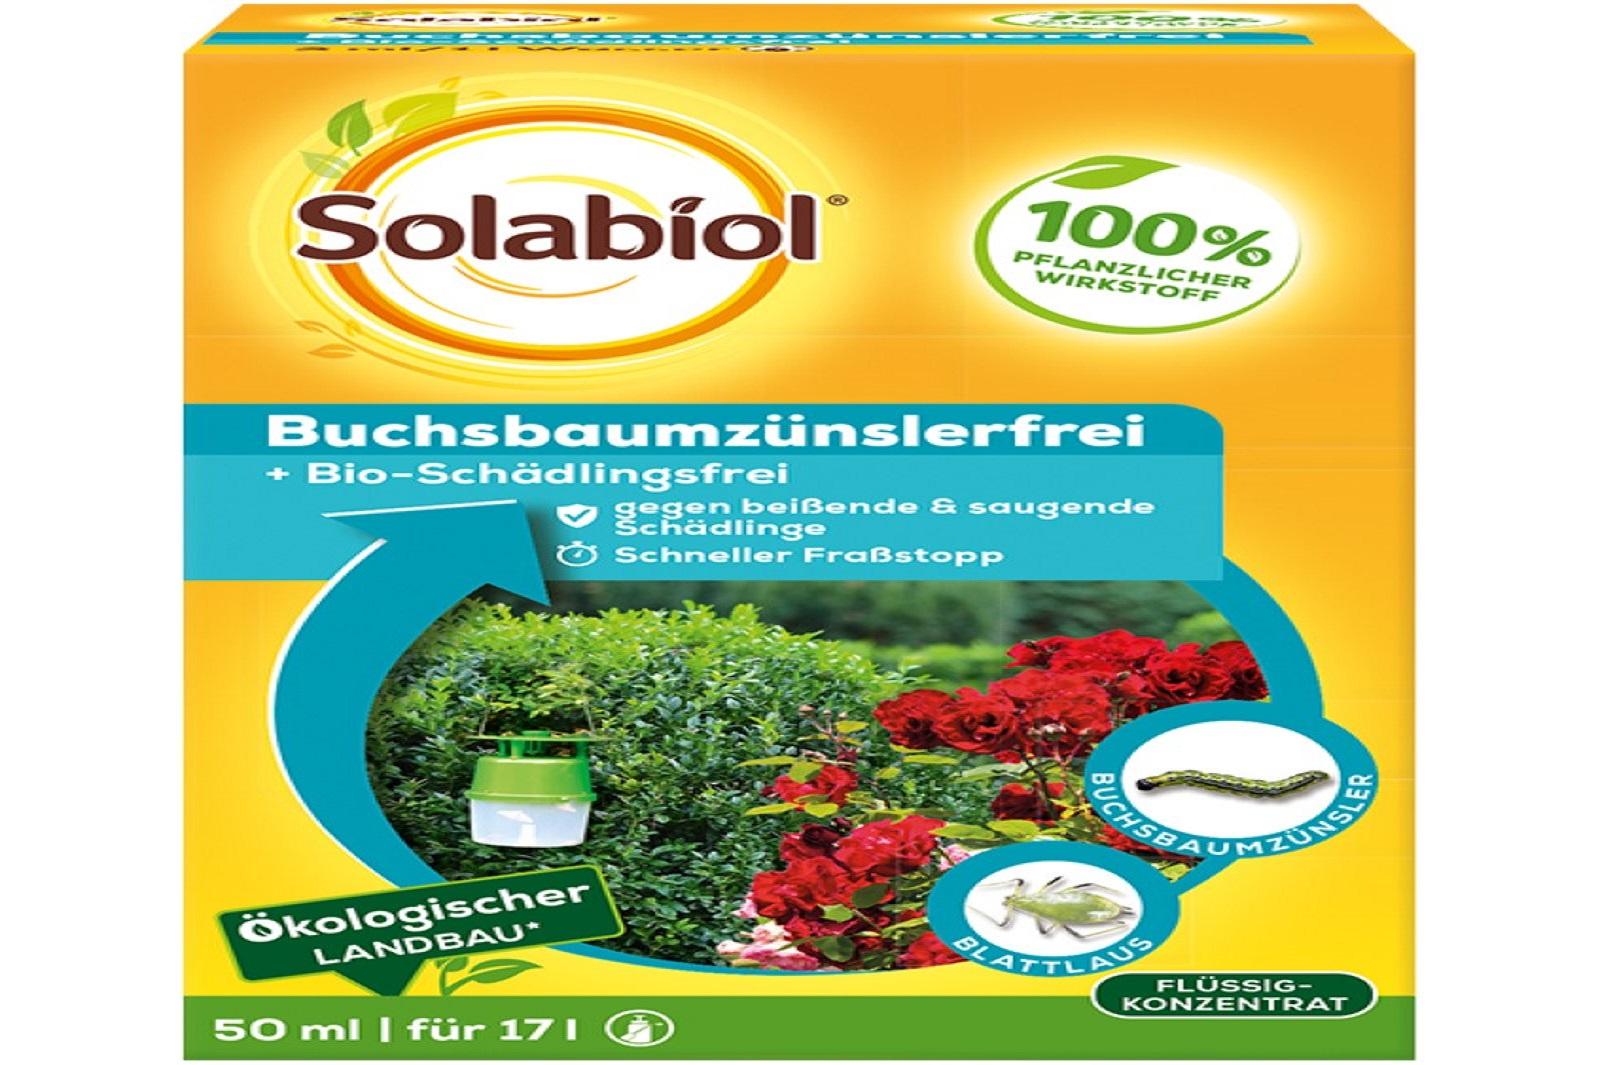 Solabiol Buchsbaumzuenzlerfrei 50 ml